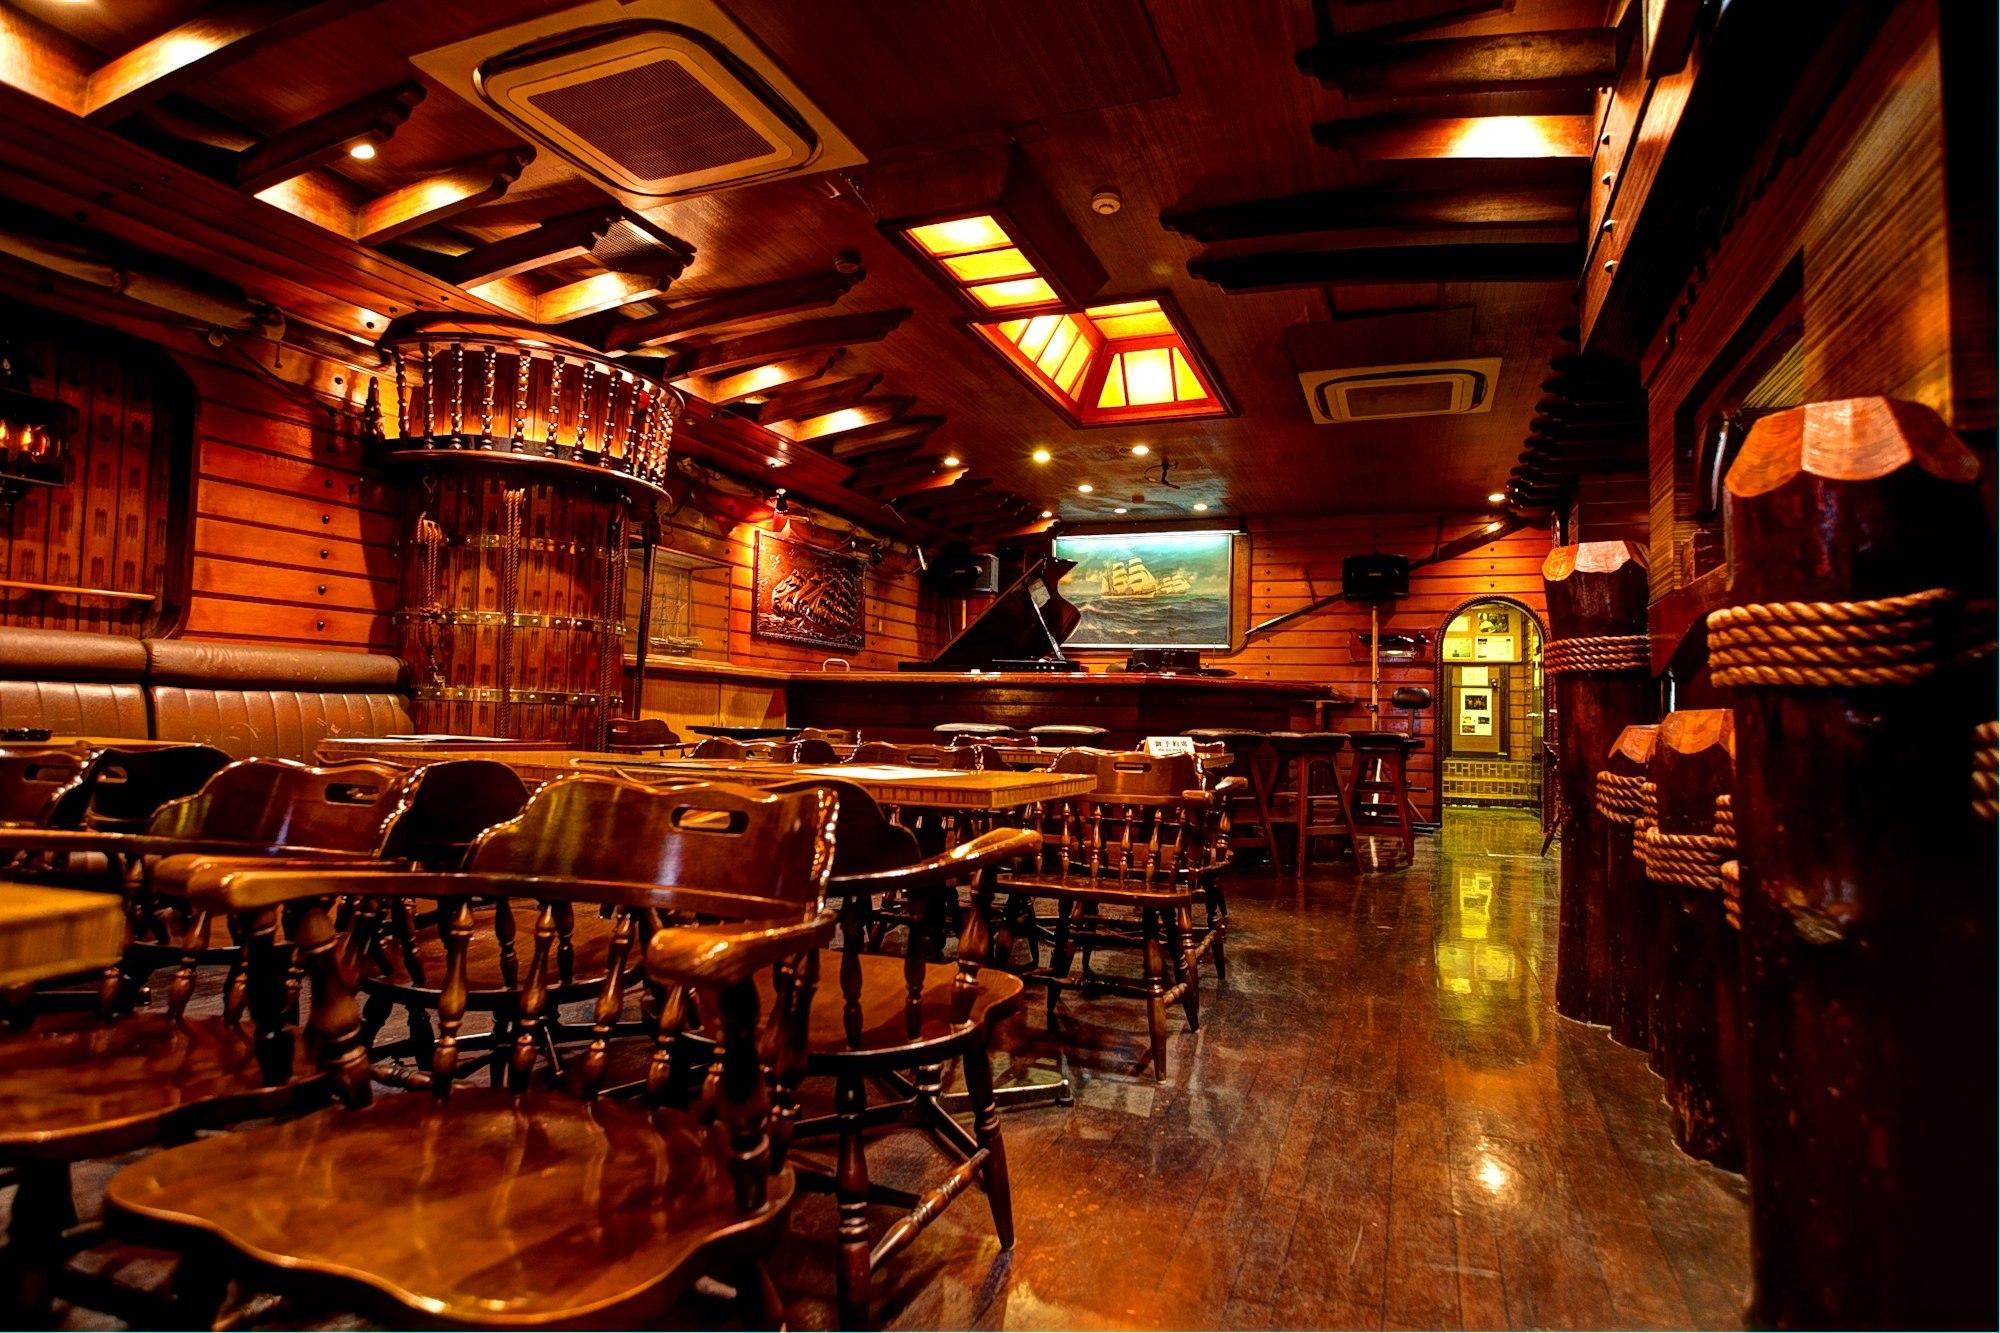 横浜の居酒屋で個室や飲み放題があるのは?おすすめのお店を紹介!